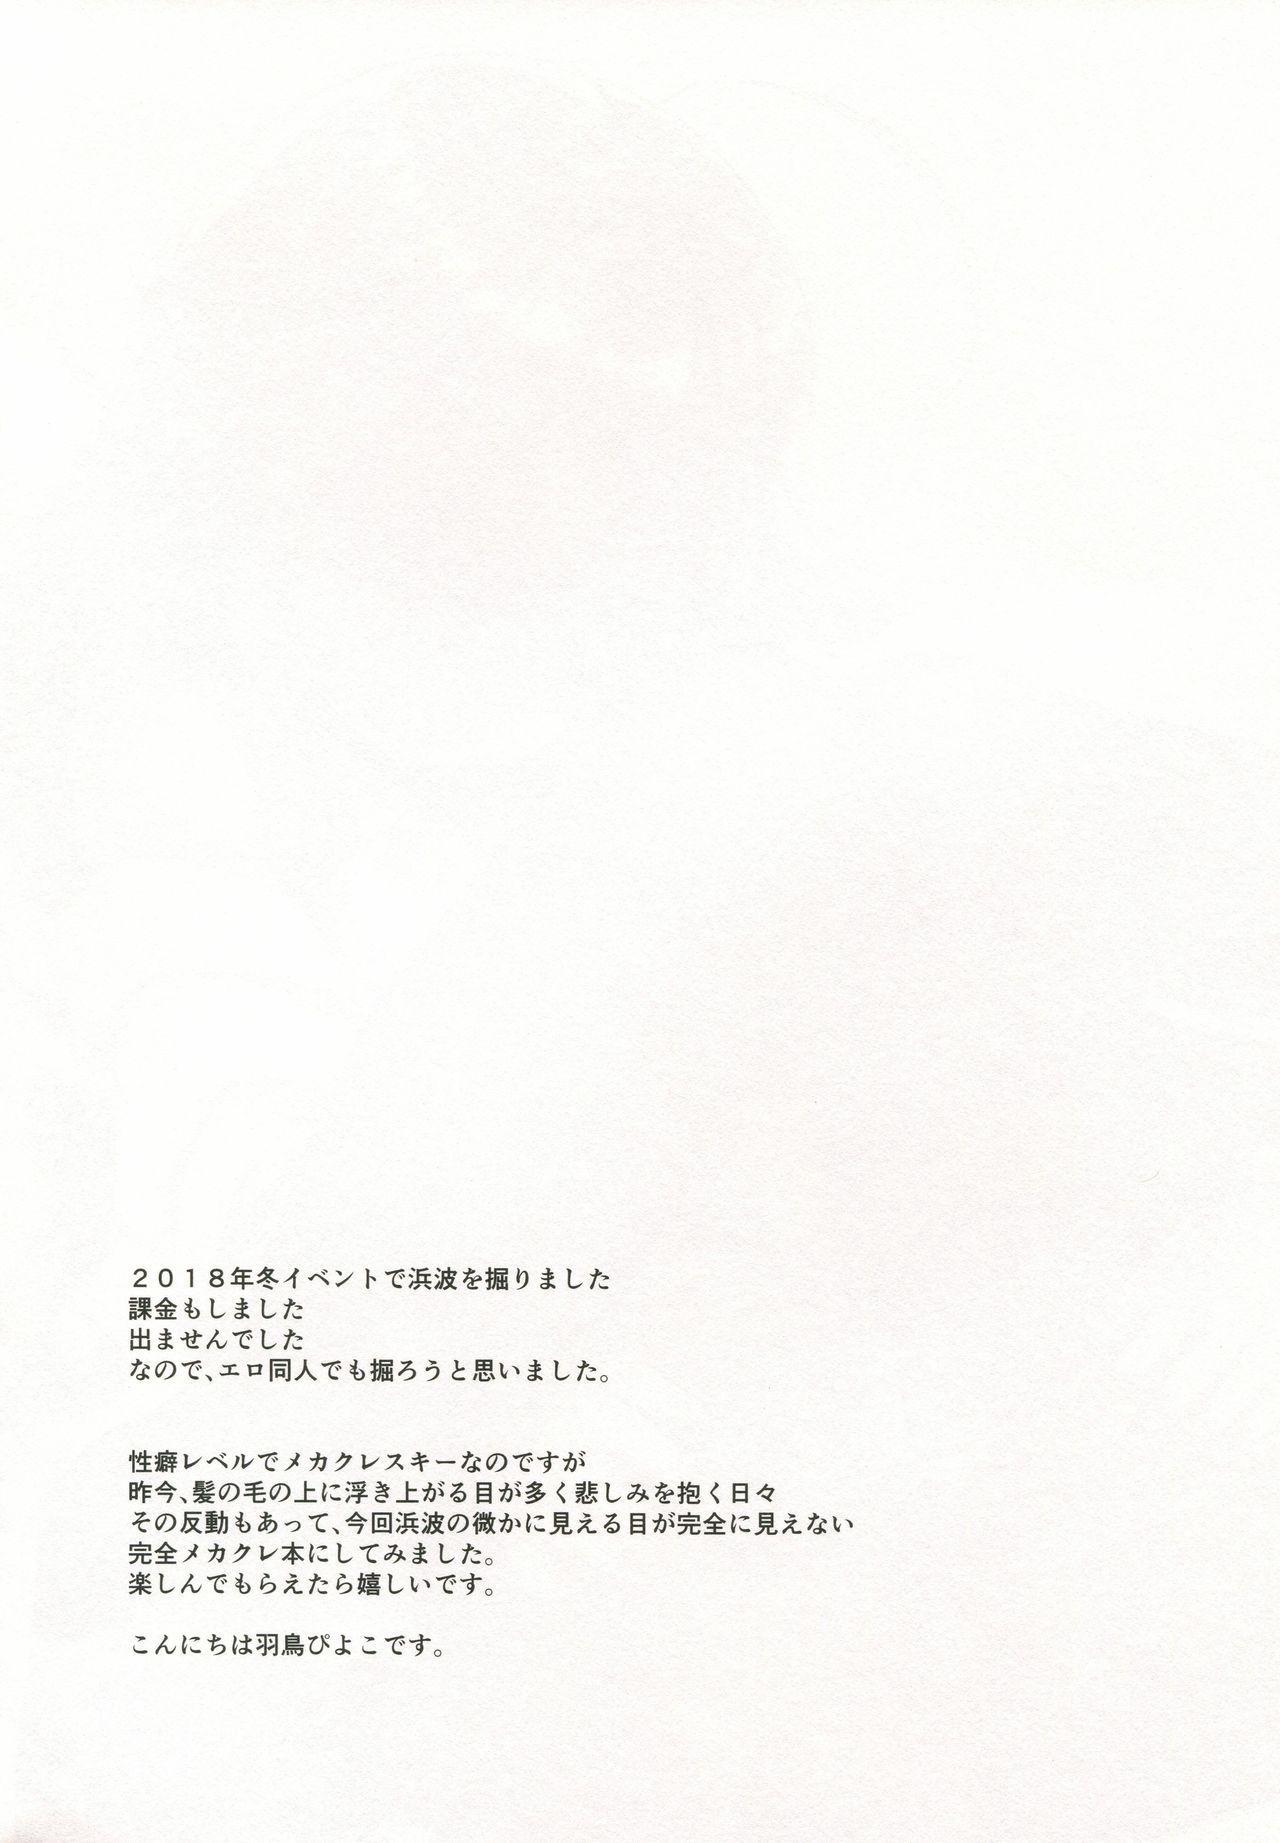 1-koma mo Me ga Denai Hamanami no Erohon 3